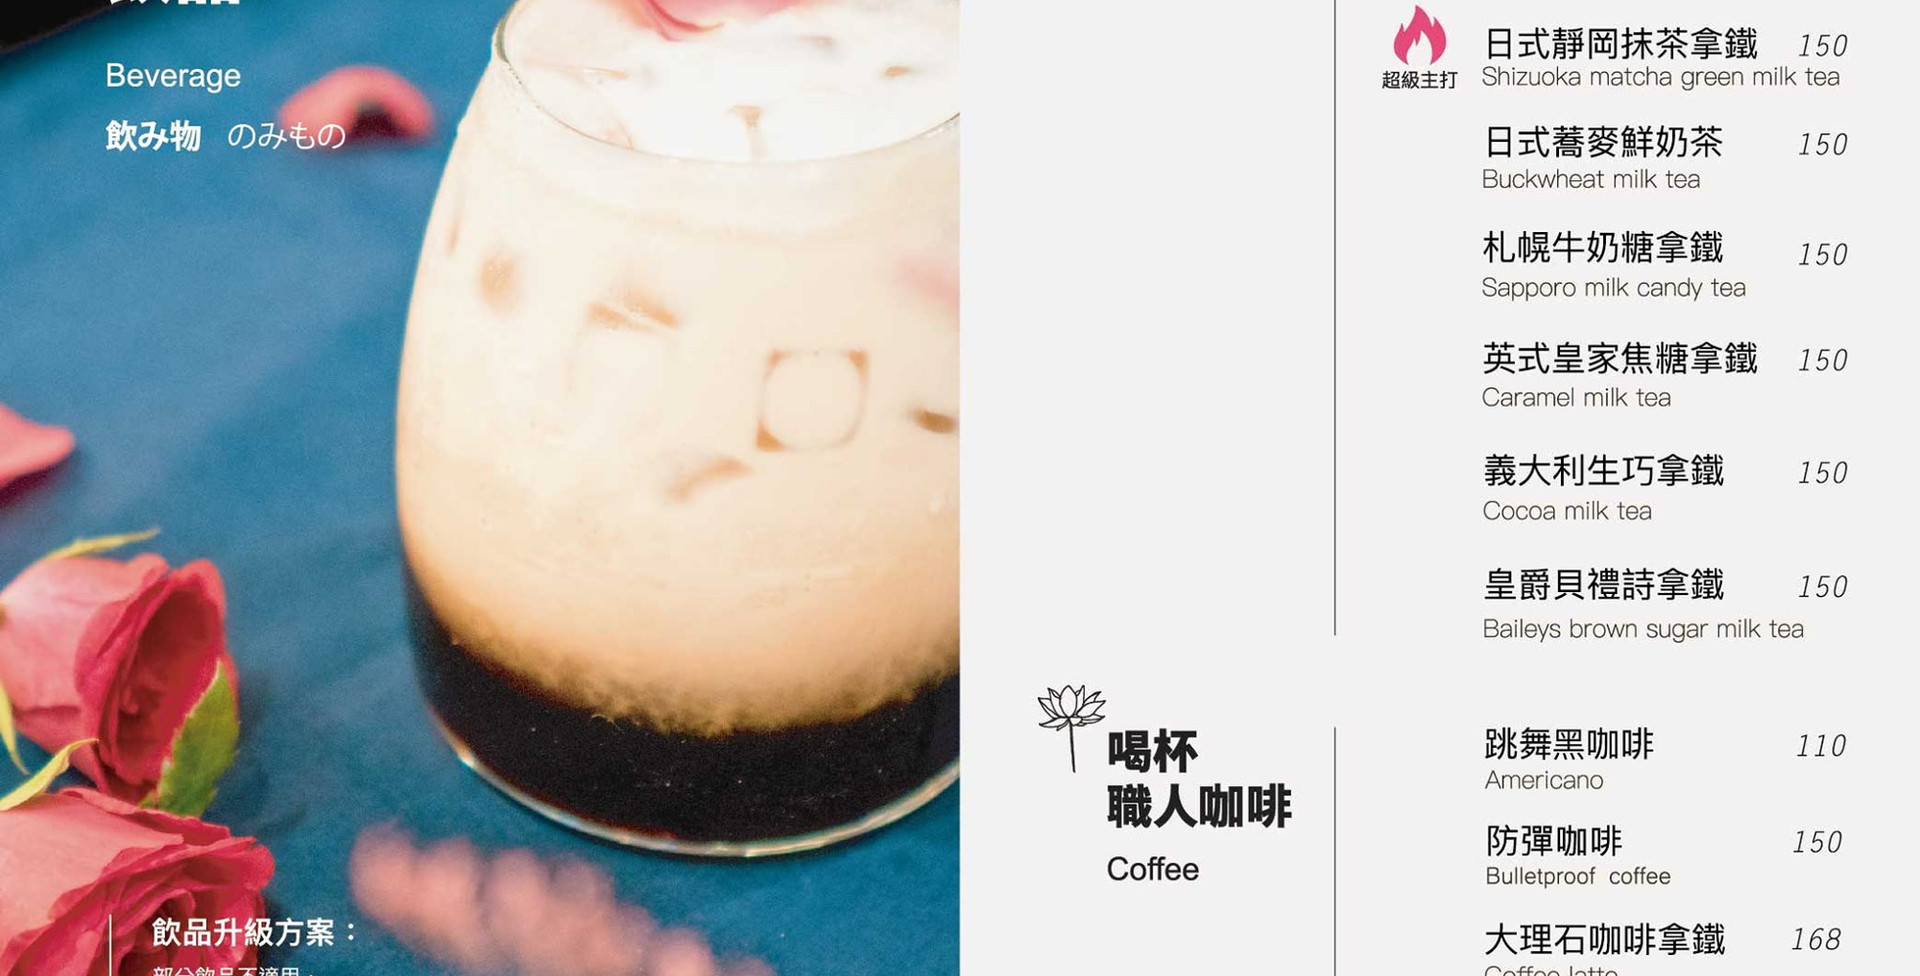 花食間 MENU - 飲品2.jpg